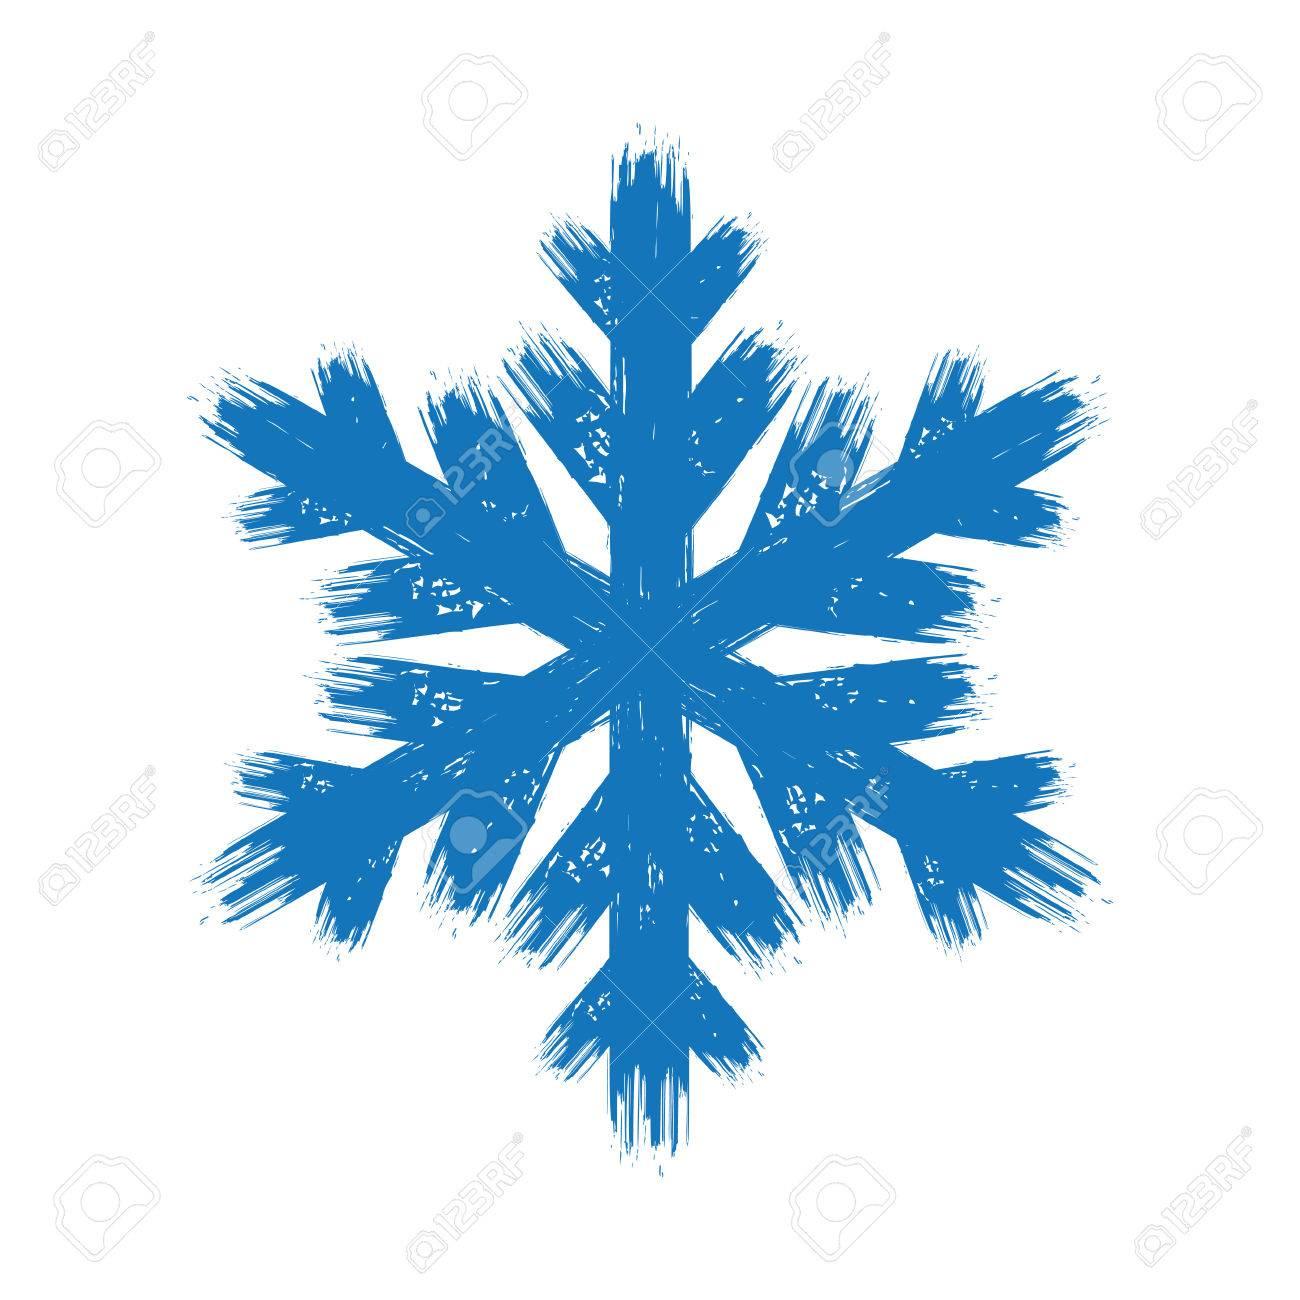 Hiver Dessin Grunge Bleu Brosse Coup Isole Flocon De Neige Clip Art Libres De Droits Vecteurs Et Illustration Image 65826891